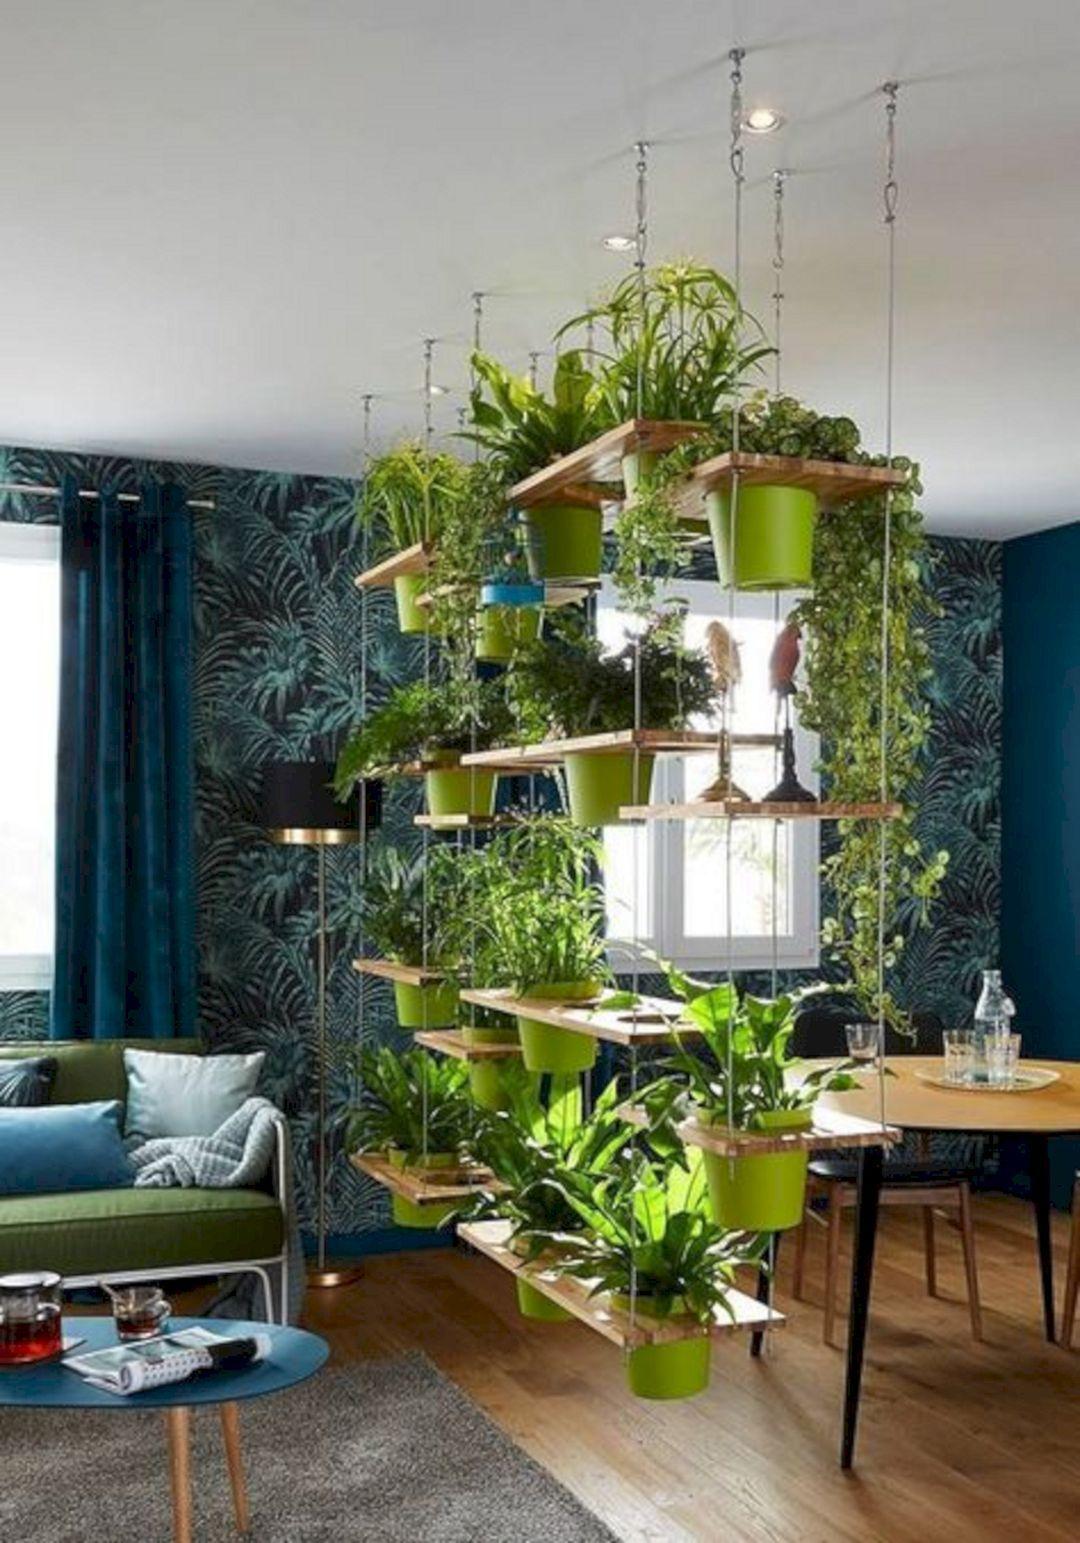 Best Indoor Garden Design in 2020 Plant decor indoor